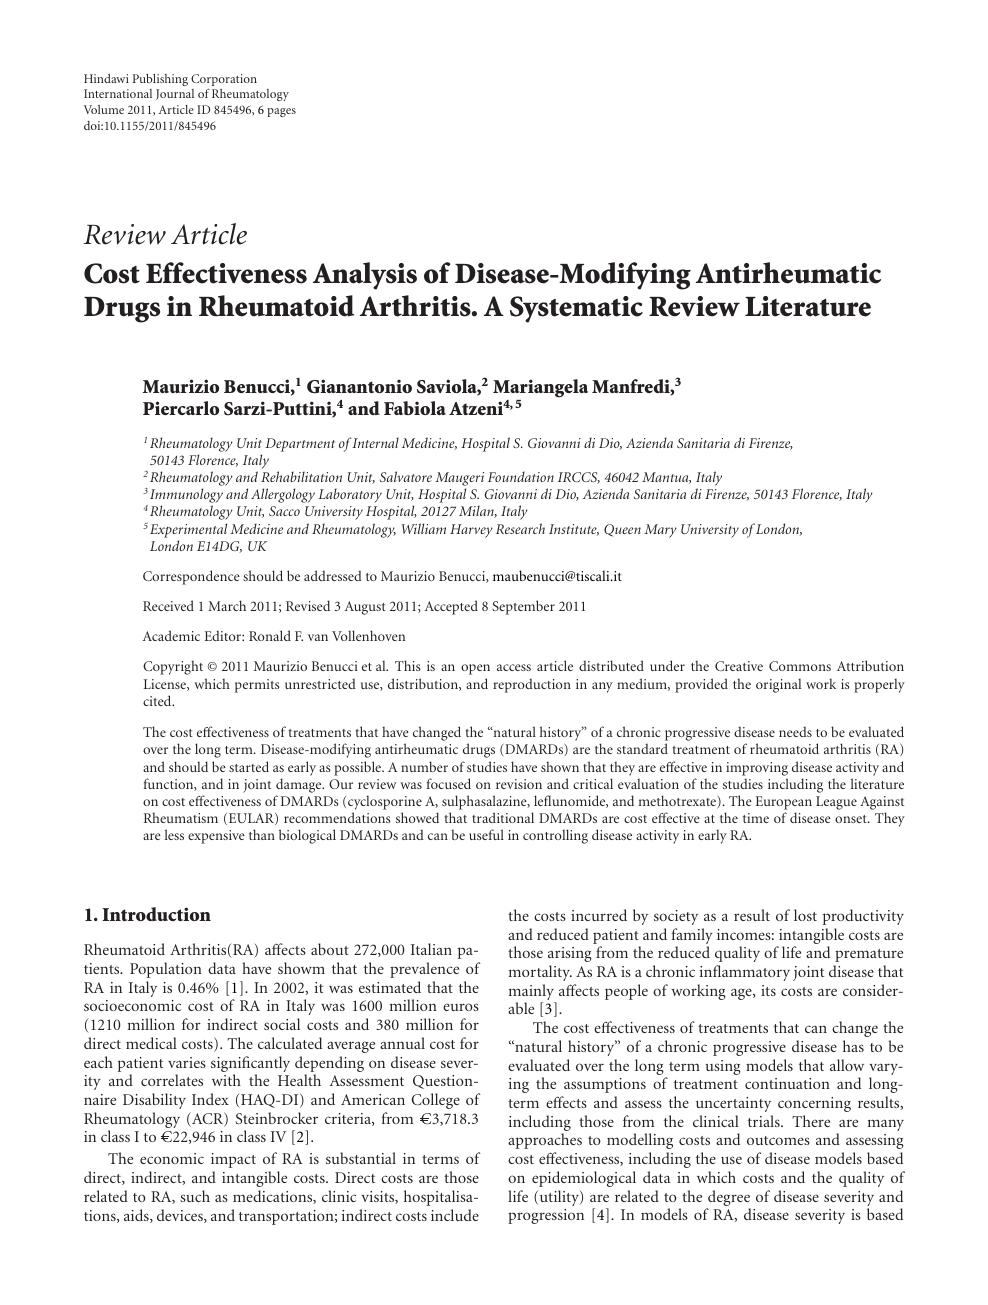 Cost Effectiveness Analysis of Disease-Modifying Antirheumatic Drugs